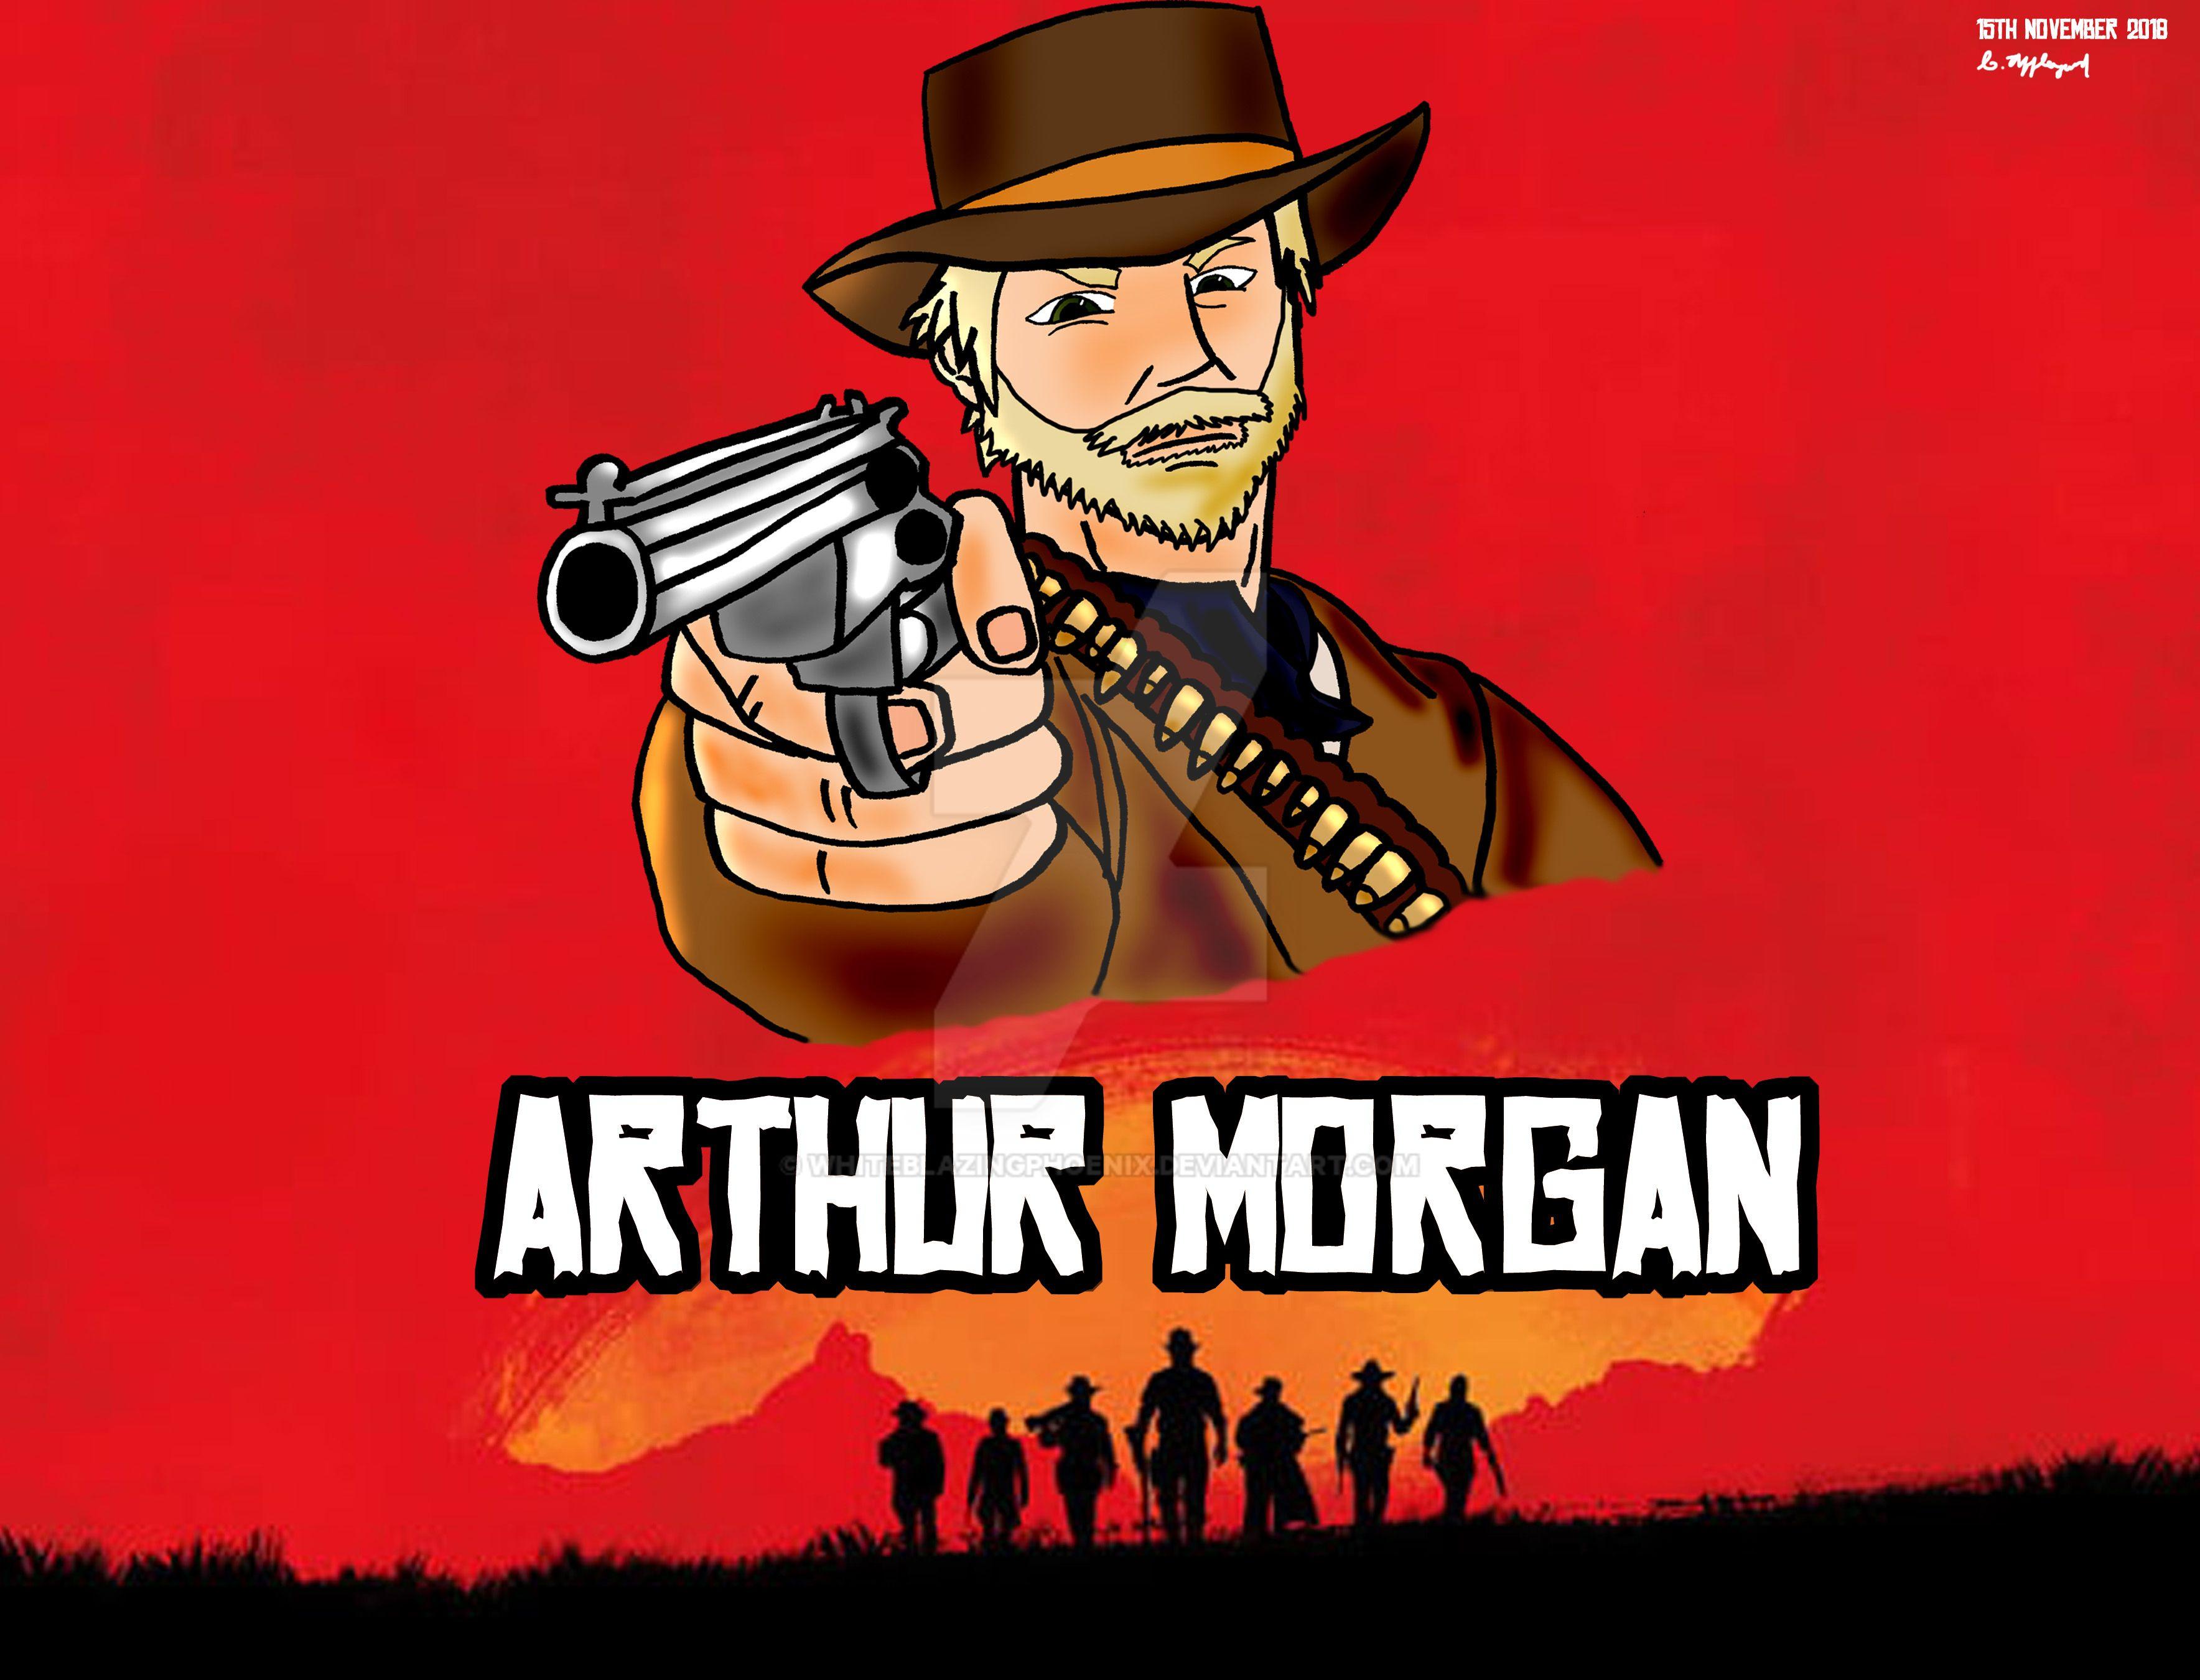 Arthur Morgan Red Dead Redemption 2 By Whiteblazingphoenix On